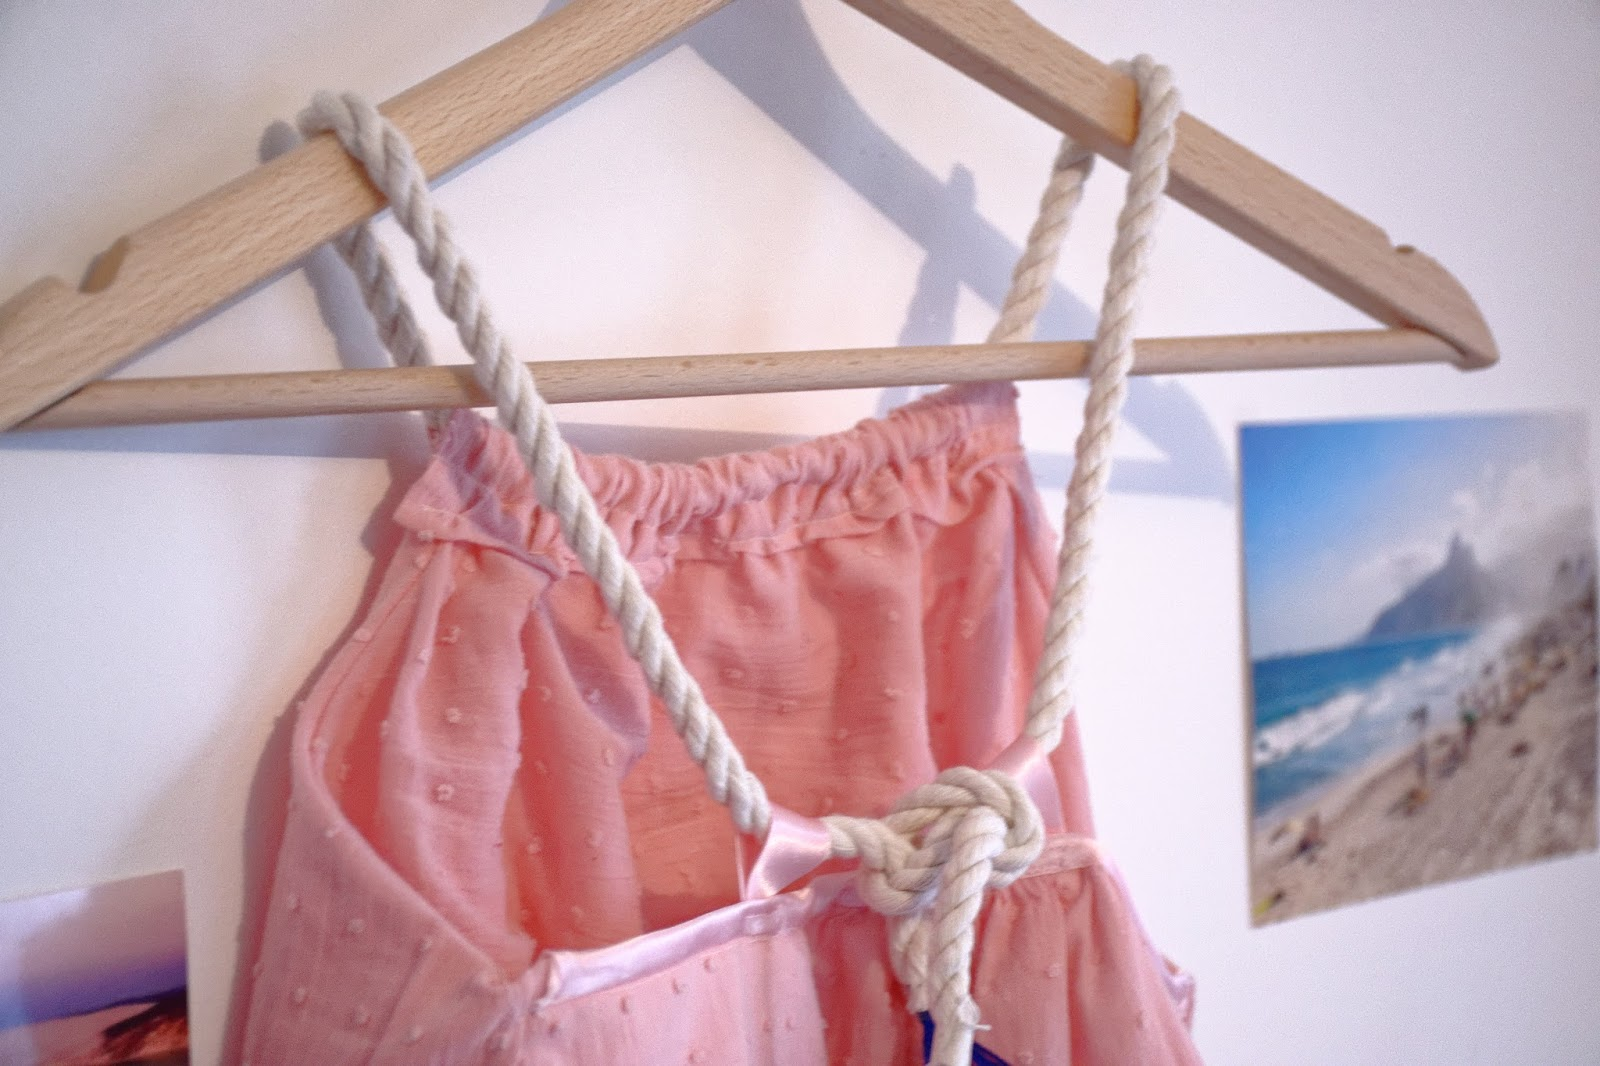 https://ldmailys.blogspot.com/2018/02/couture-pour-demoiselles.html